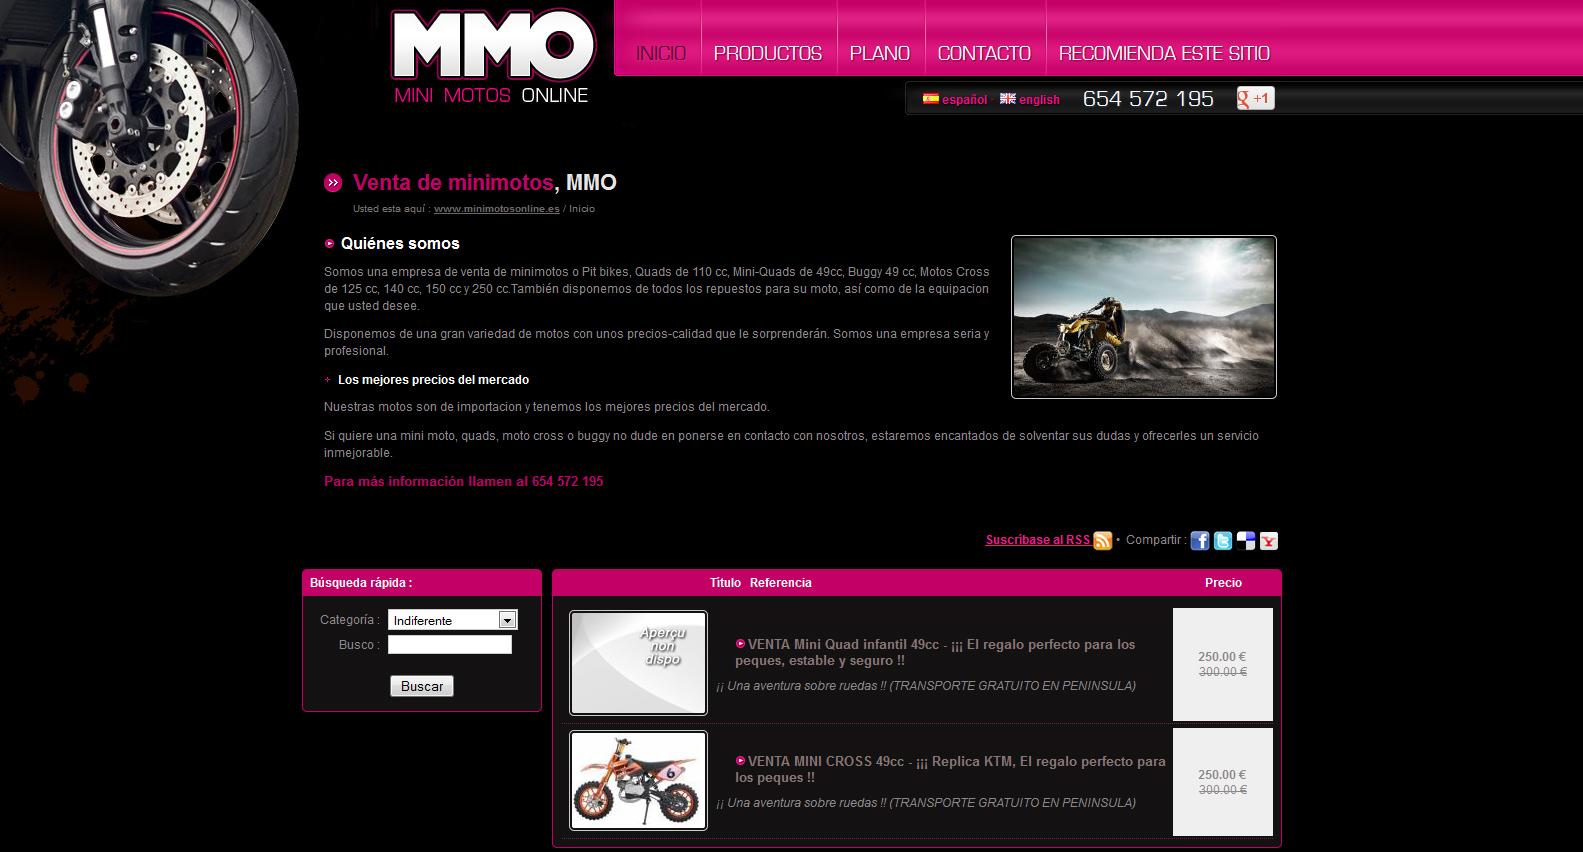 MMO Minimotos